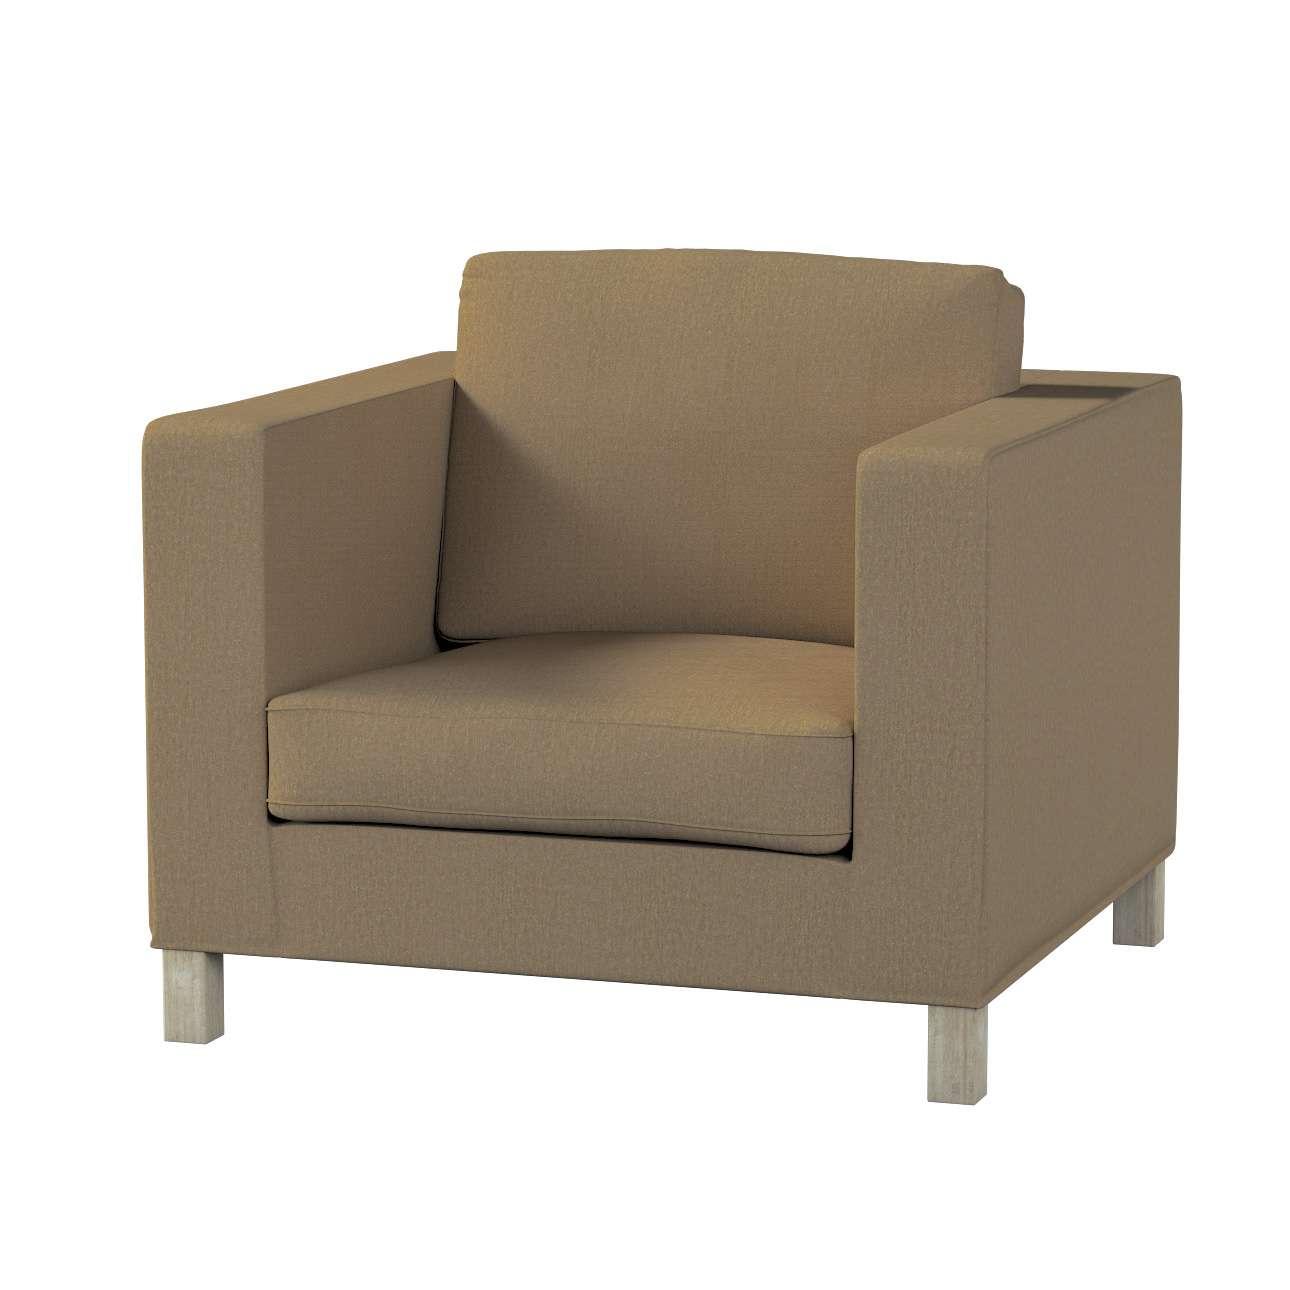 KARLANDA fotelio užvalkalas KARLANDA fotelio užvalkalas kolekcijoje Chenille, audinys: 702-21